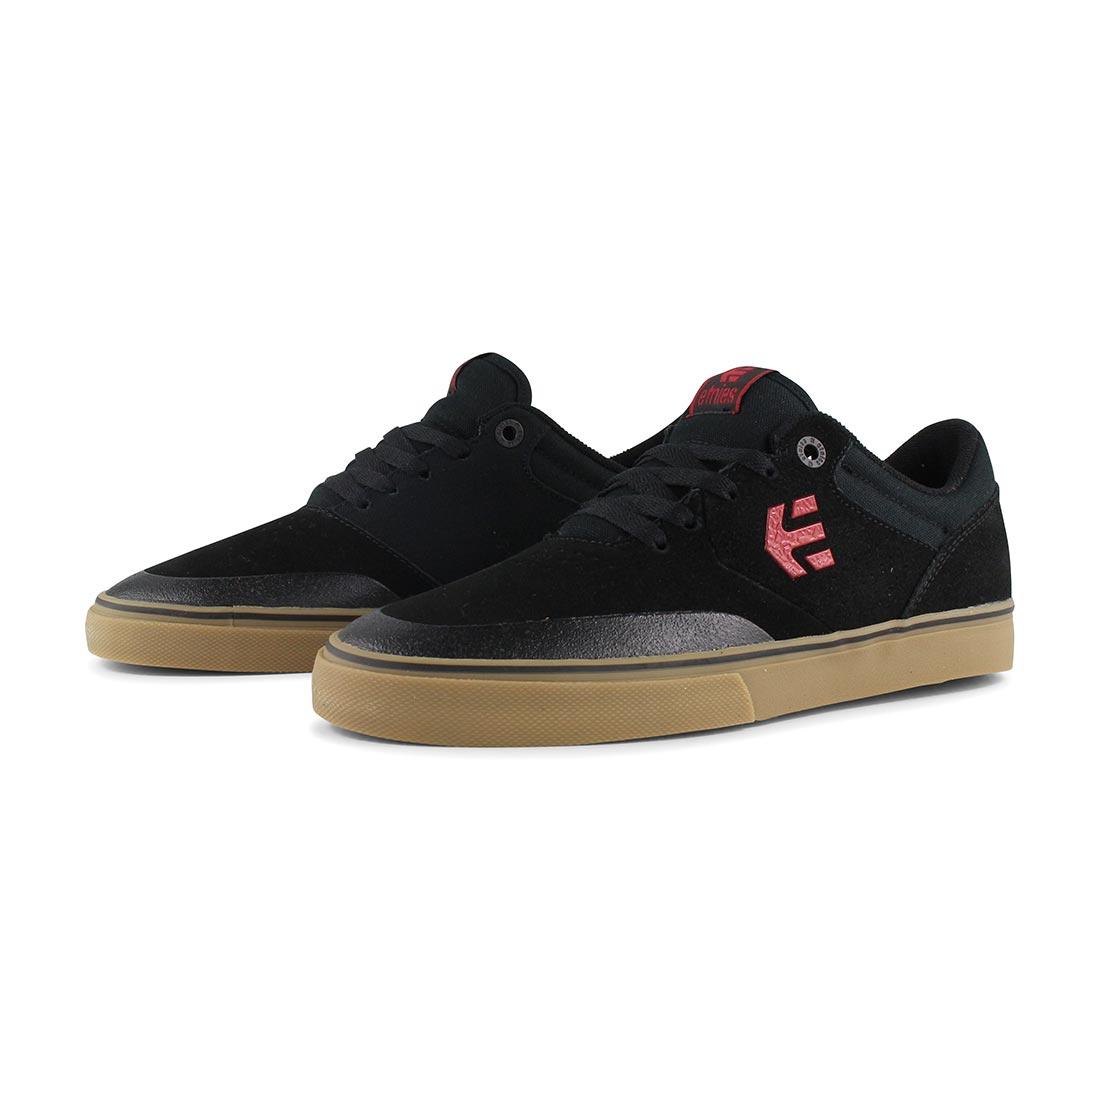 a059c93cee Etnies Marana Vulc Shoes - Black   Red   Gum